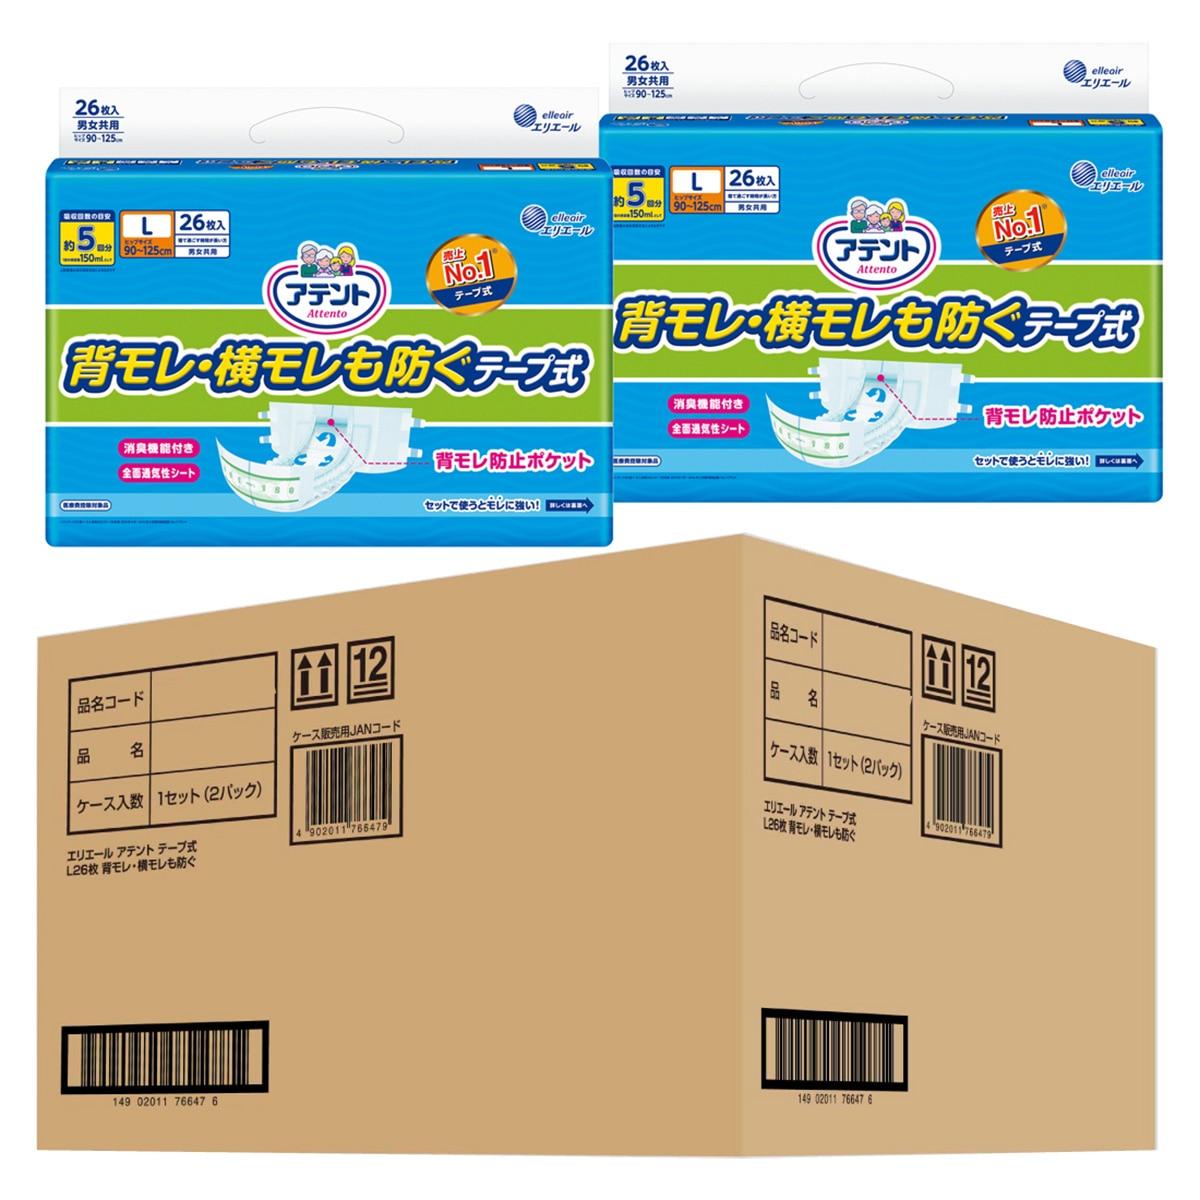 大王製紙 アテント 消臭効果付き テープ式 L 背モレ・横モレも防ぐ ロゴなし段ボール 26枚×2パック